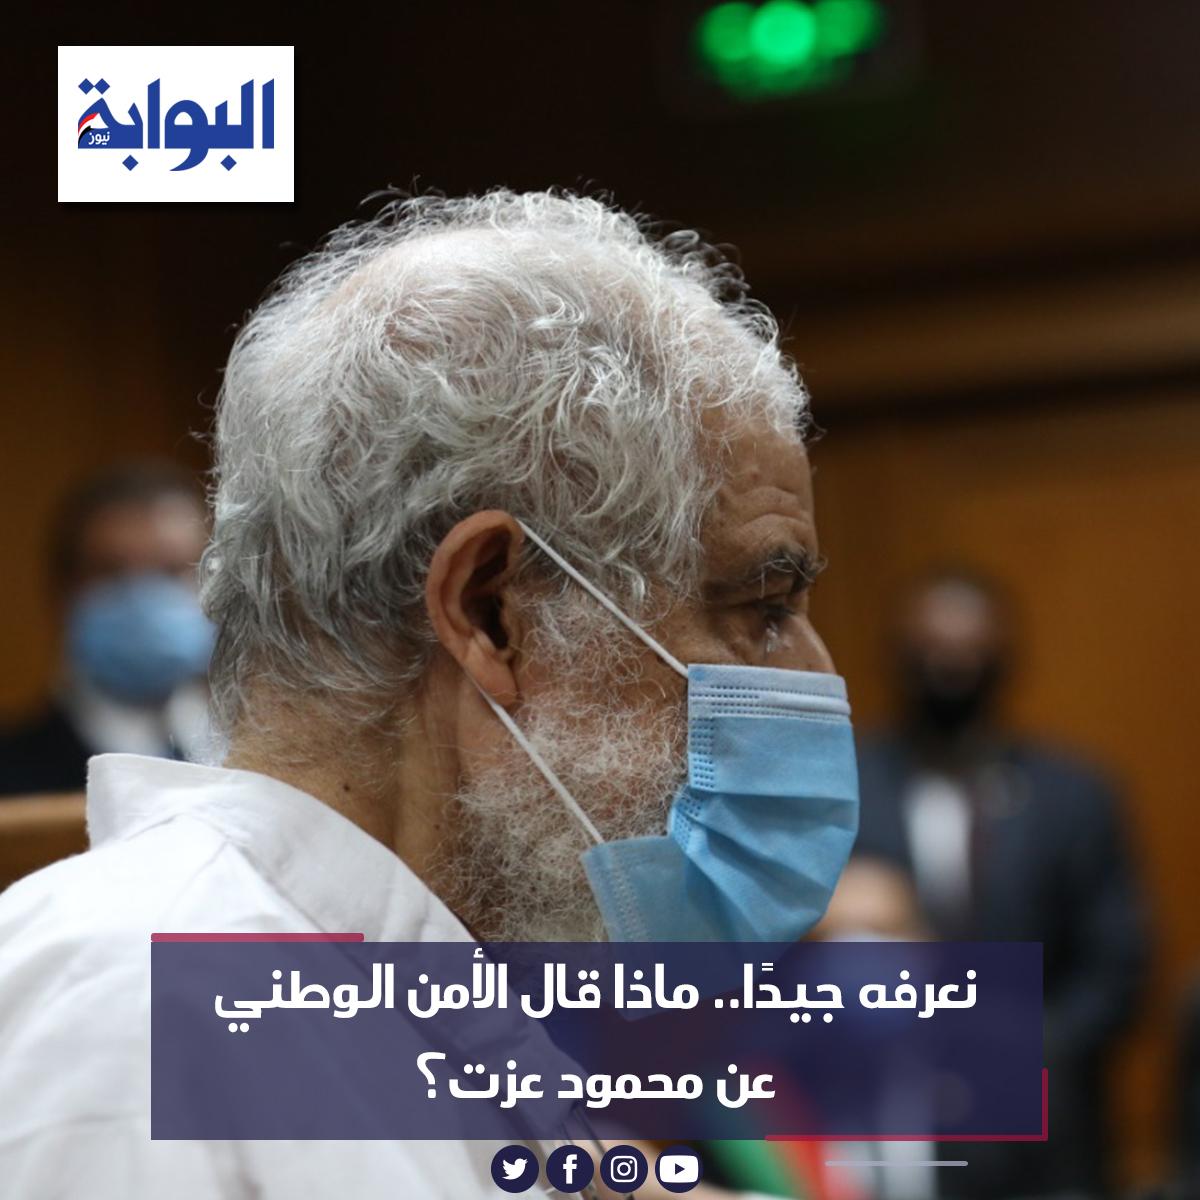 نعرفه جيدًا.. ماذا قال الأمن الوطني عن محمود عزت؟ للتفاصيل